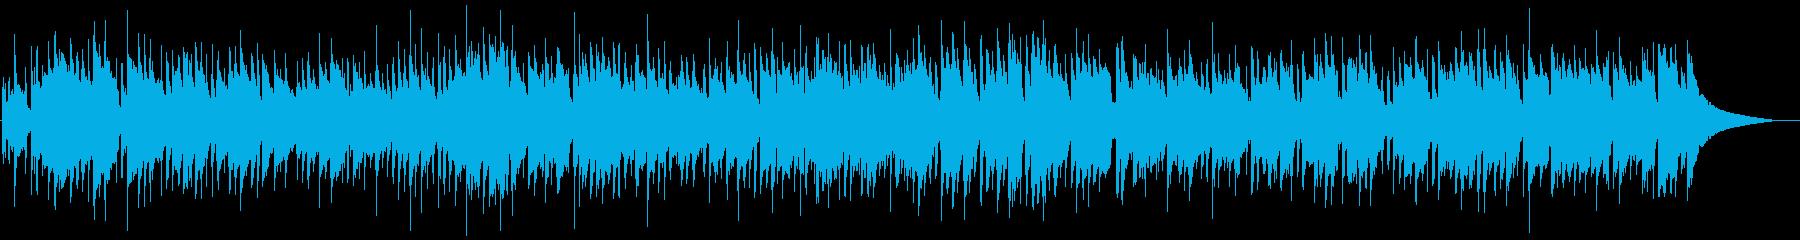 穏やかなマンドリンのカントリー風BGMの再生済みの波形